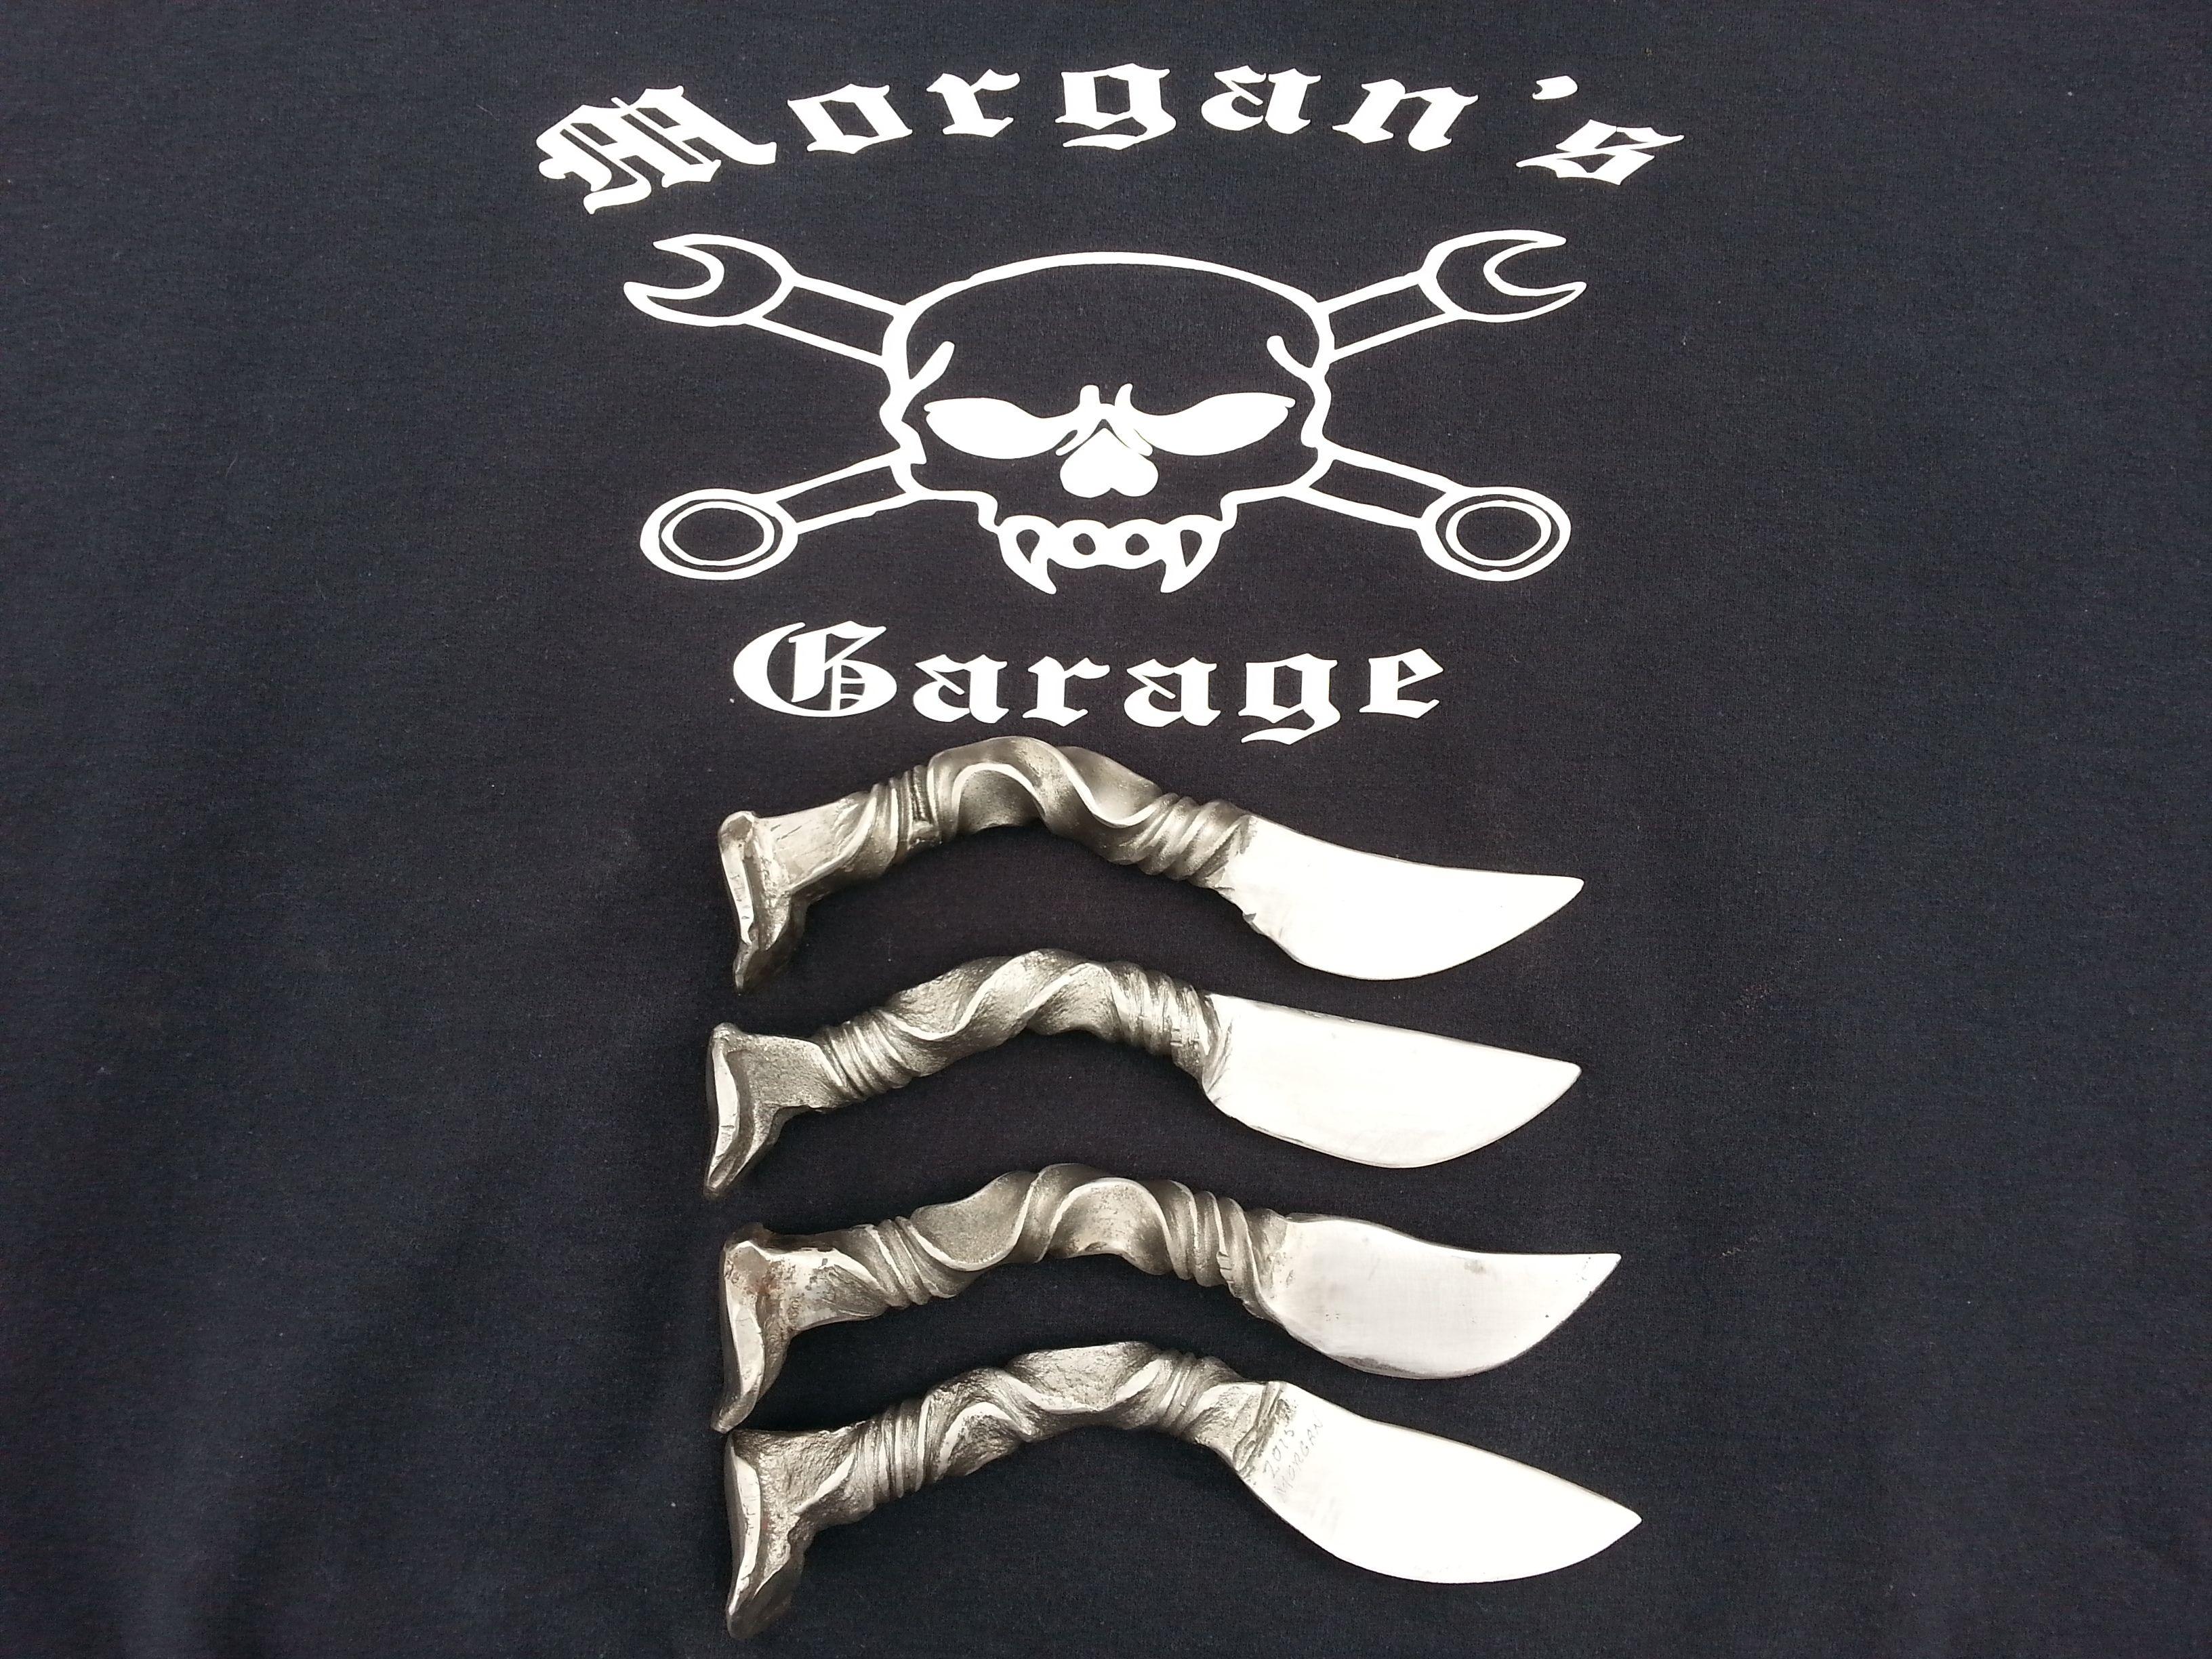 Handmade knives from Morgan's Garage